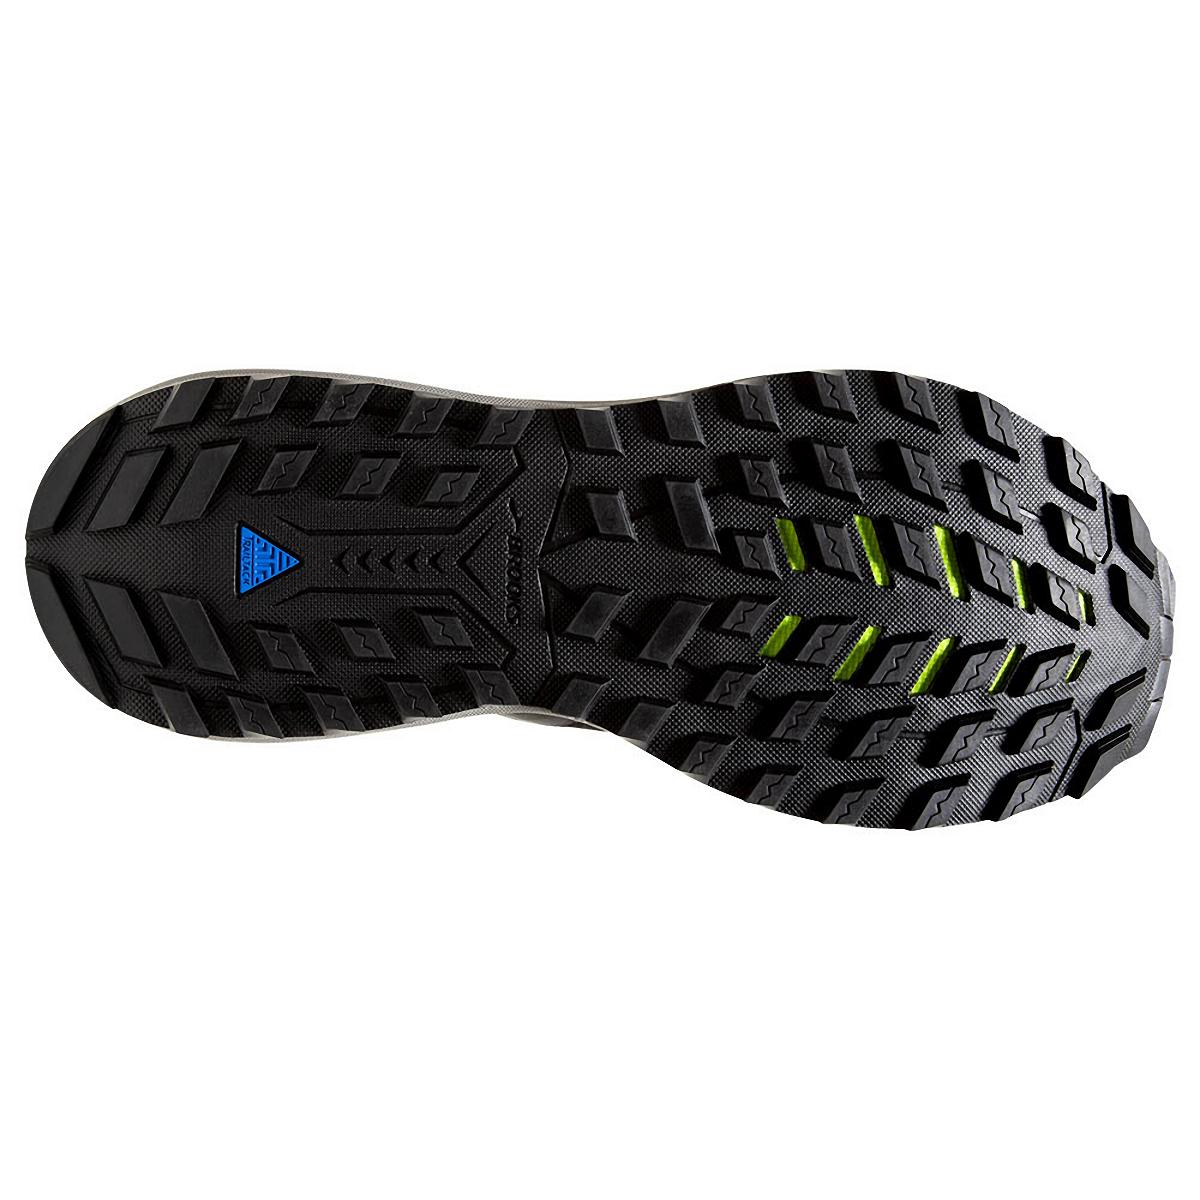 Men's Brooks Cascadia 15 Trail Running Shoe - Color: Black/Raven - Size: 8.5 - Width: Regular, Black/Raven, large, image 6